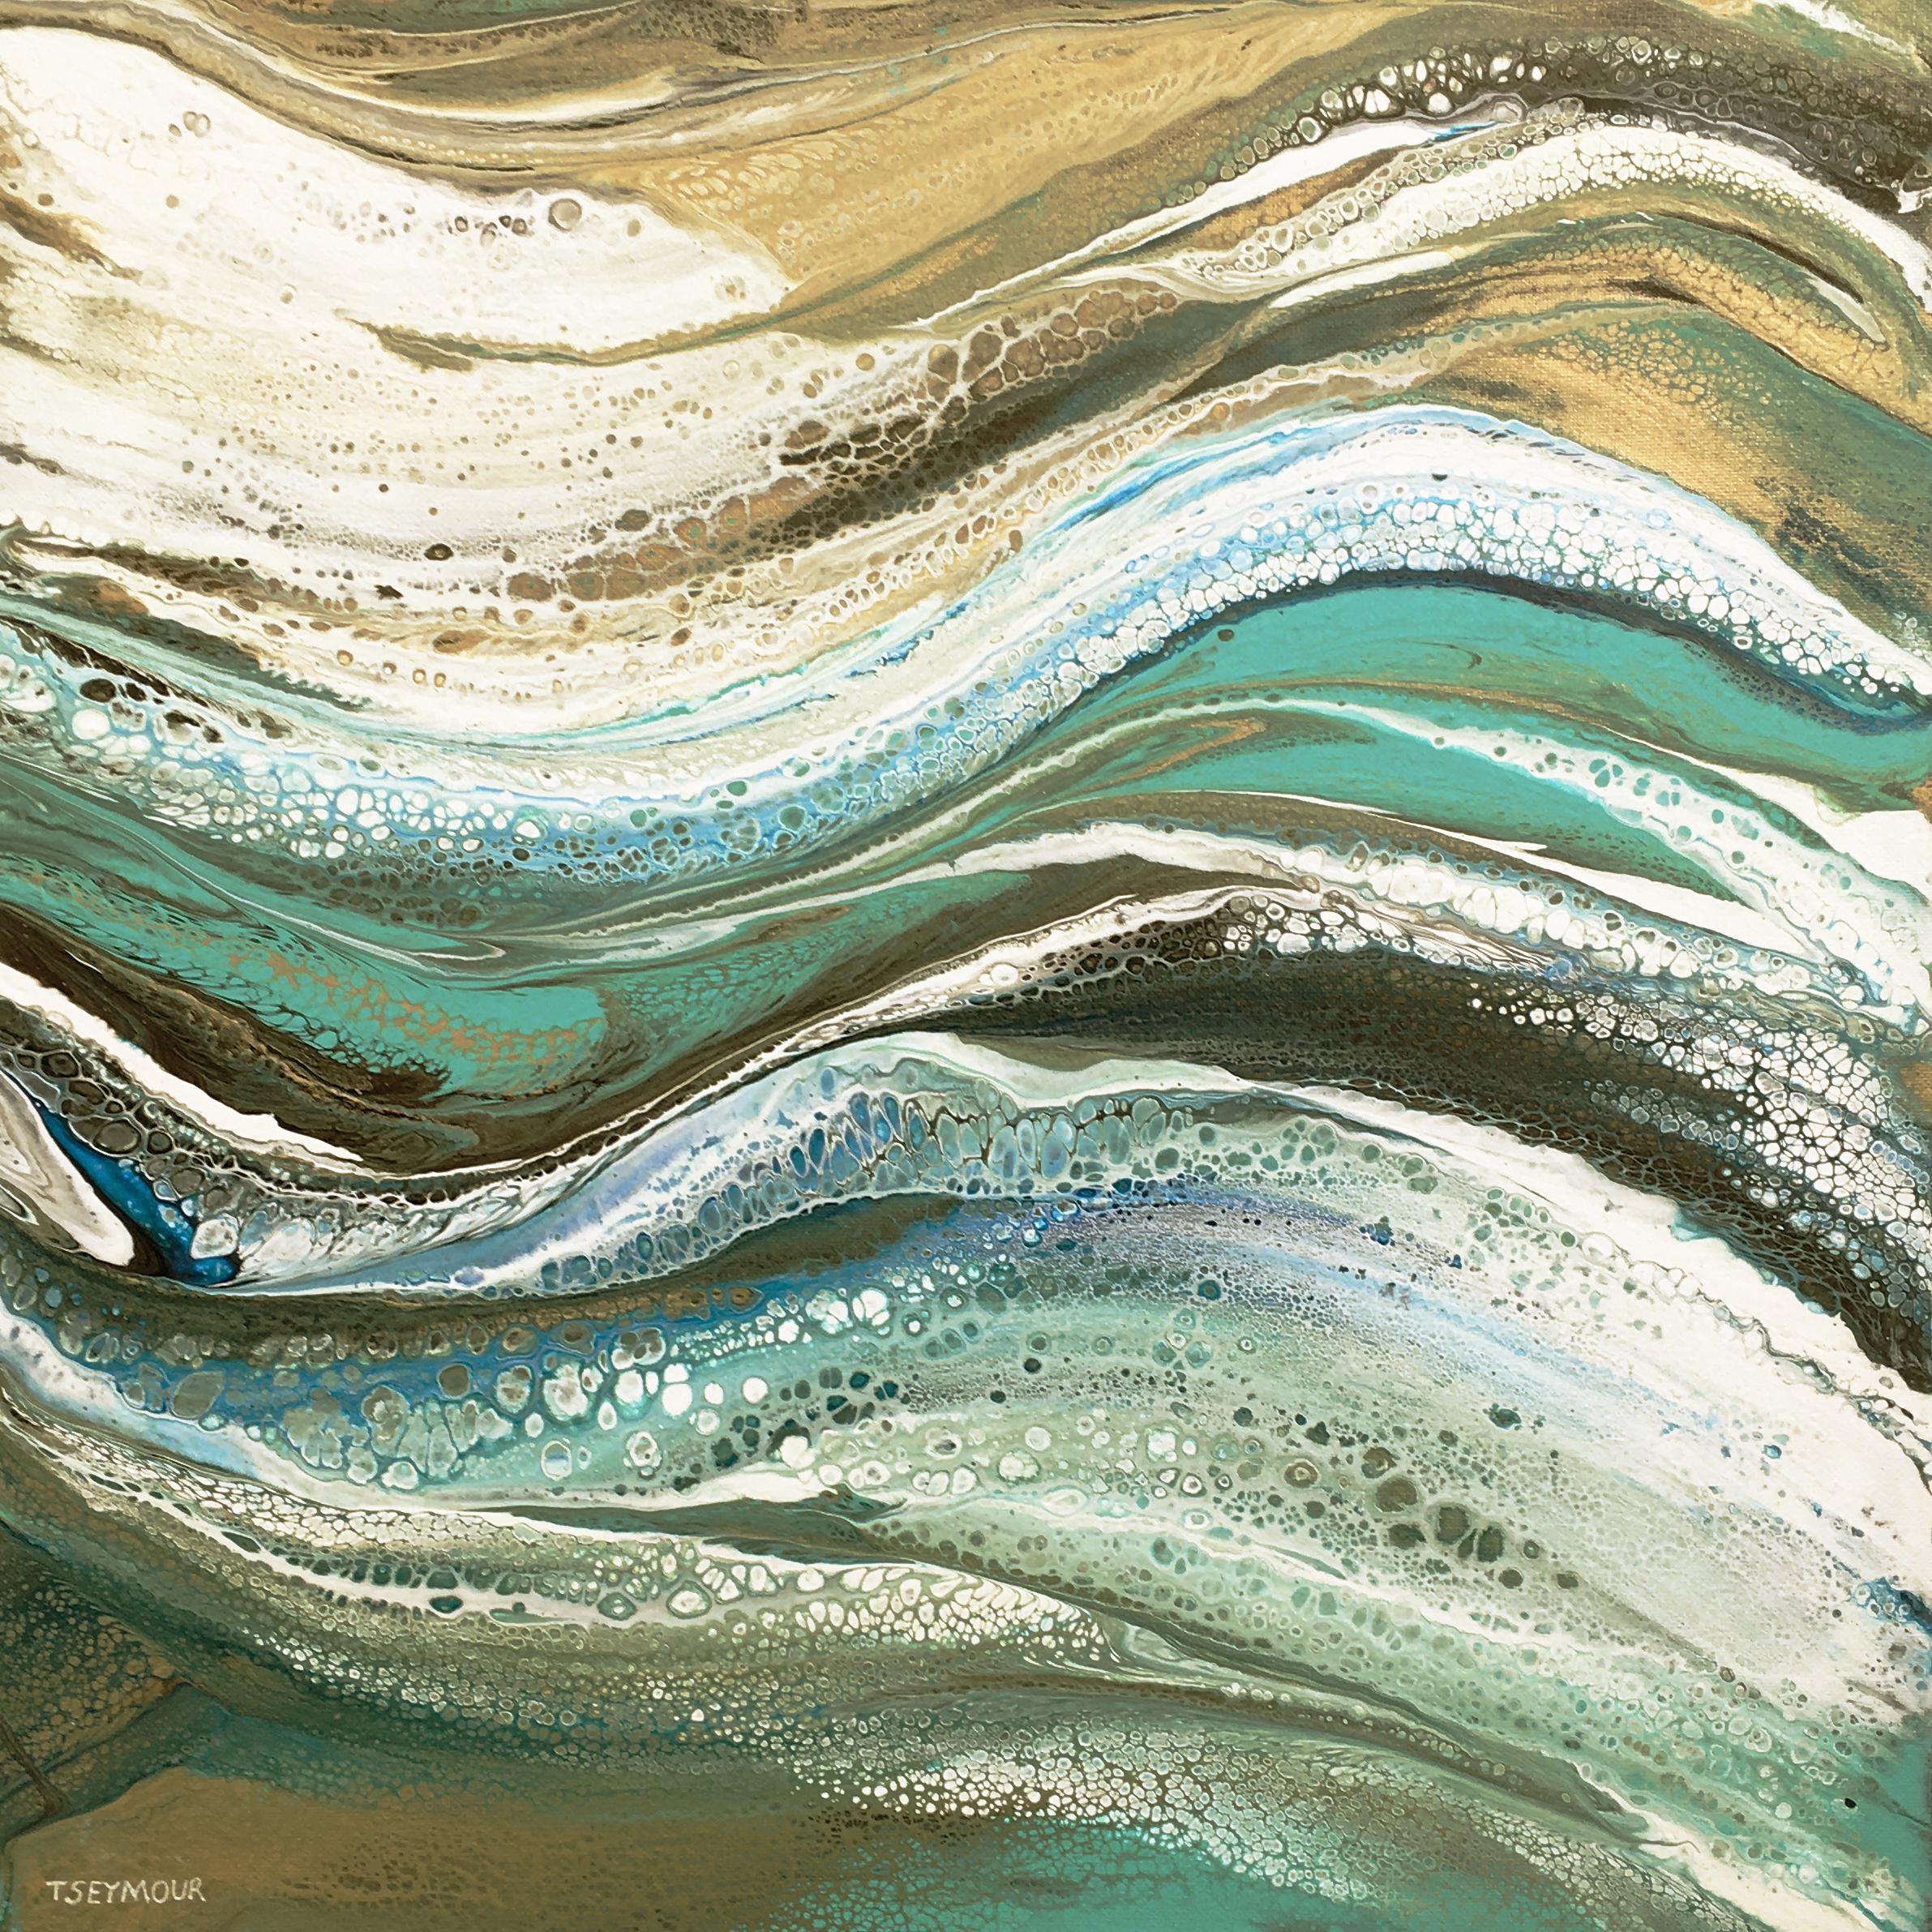 OCEAN OXYGEN FULL IMAGE